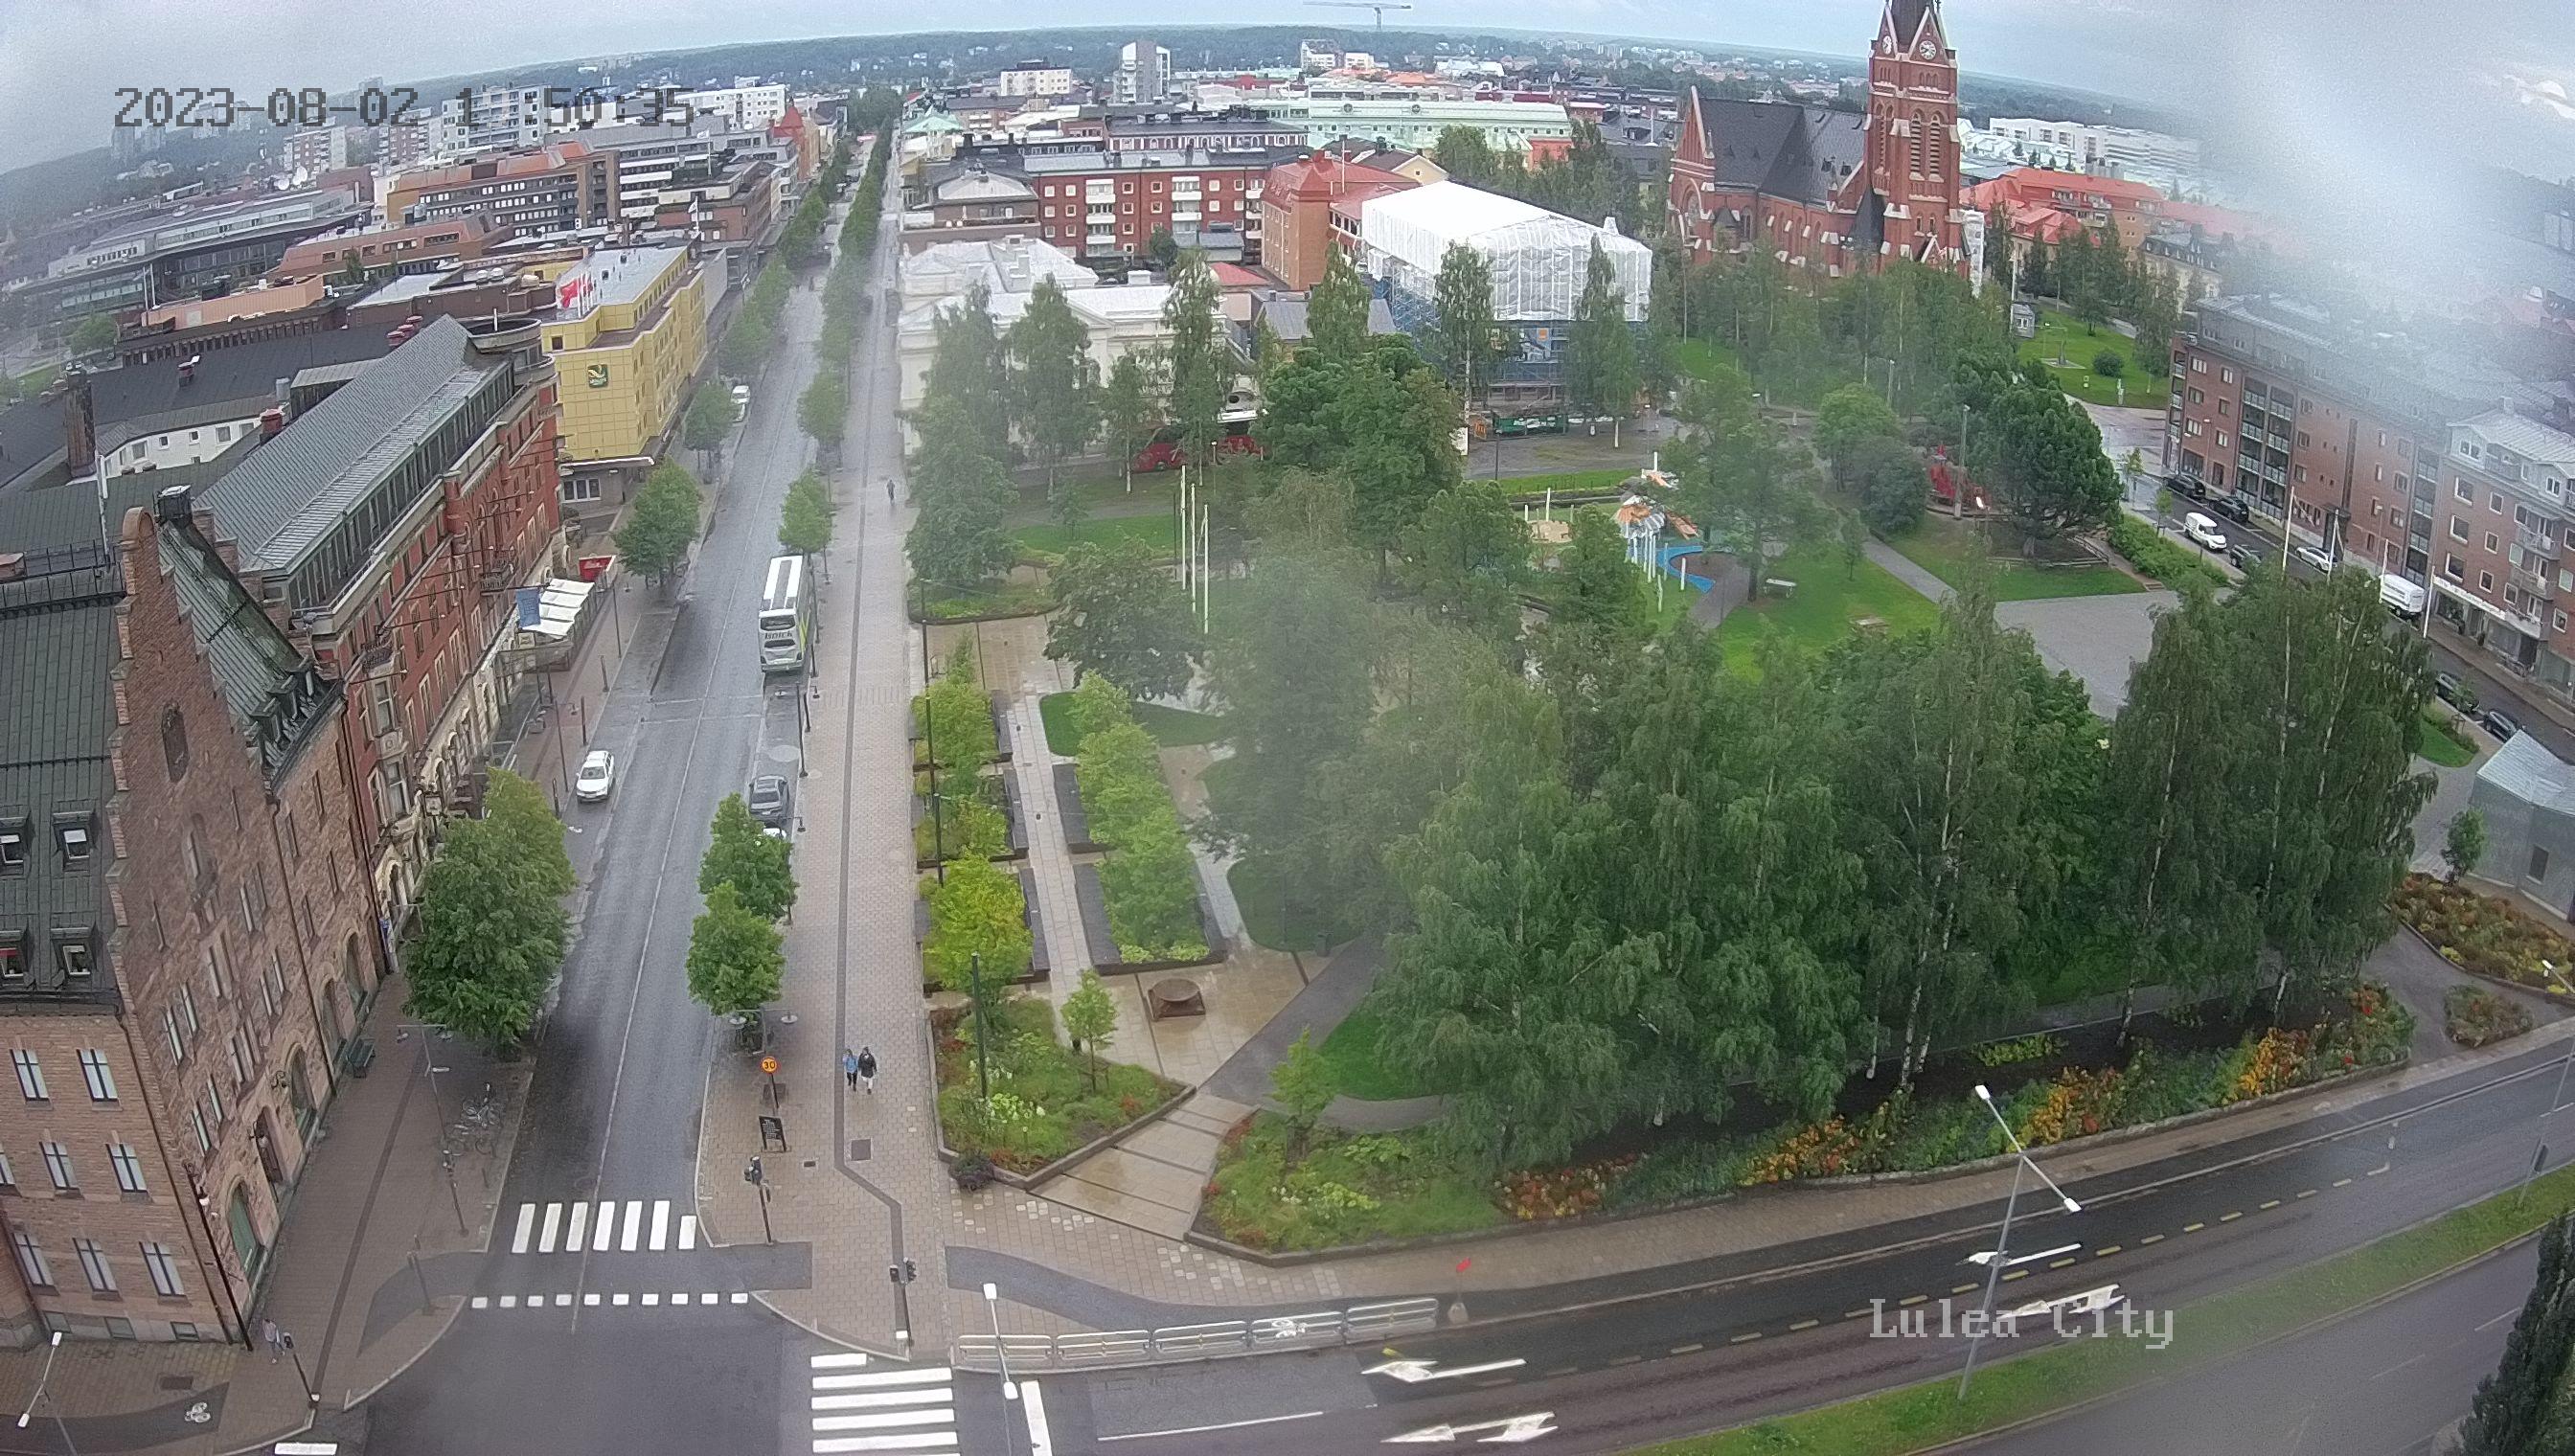 Luleå webbkamera